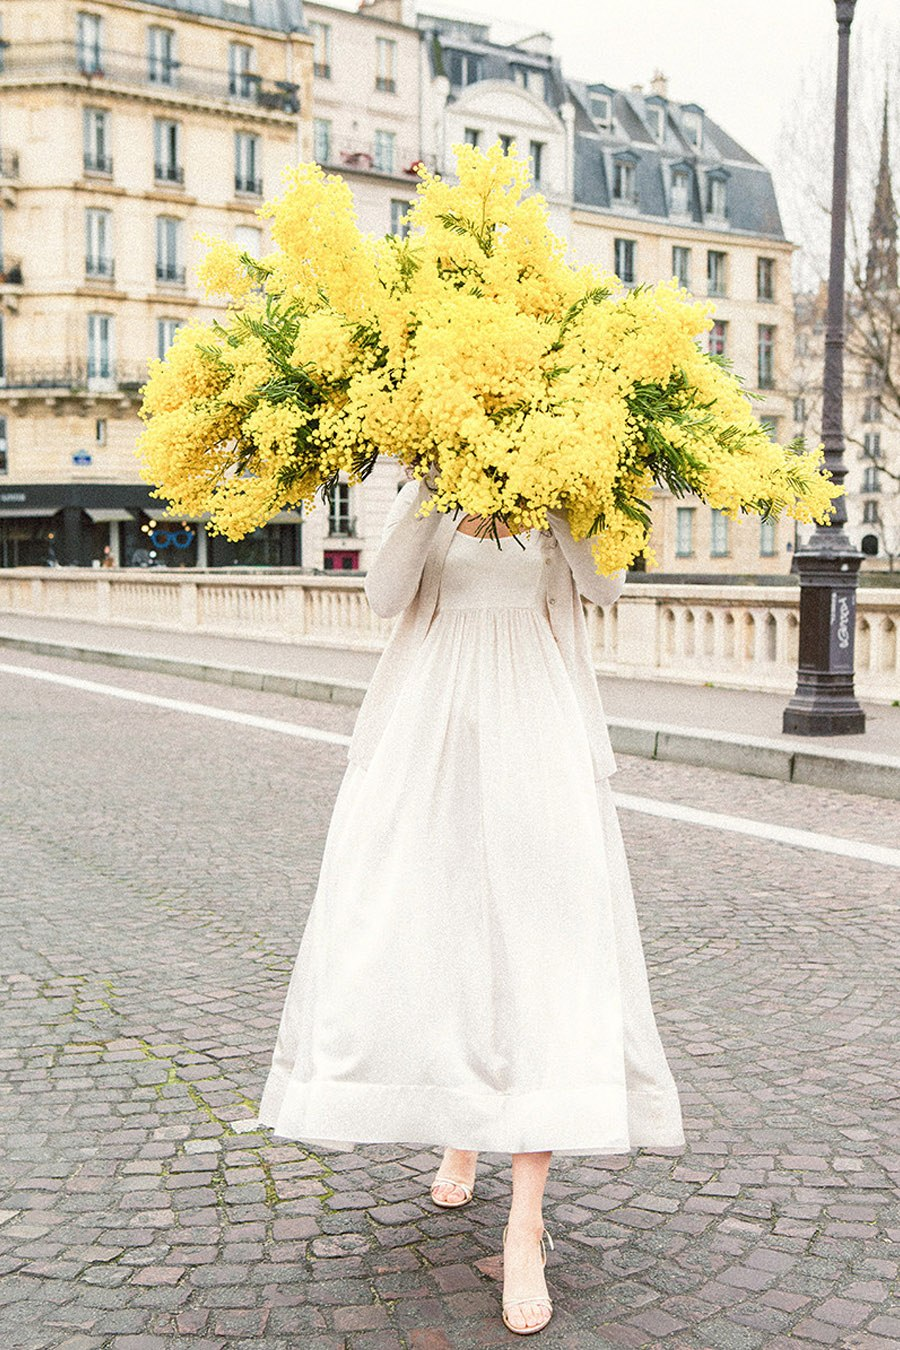 RAMOS DE NOVIA DE MIMOSAS mimosas-novia